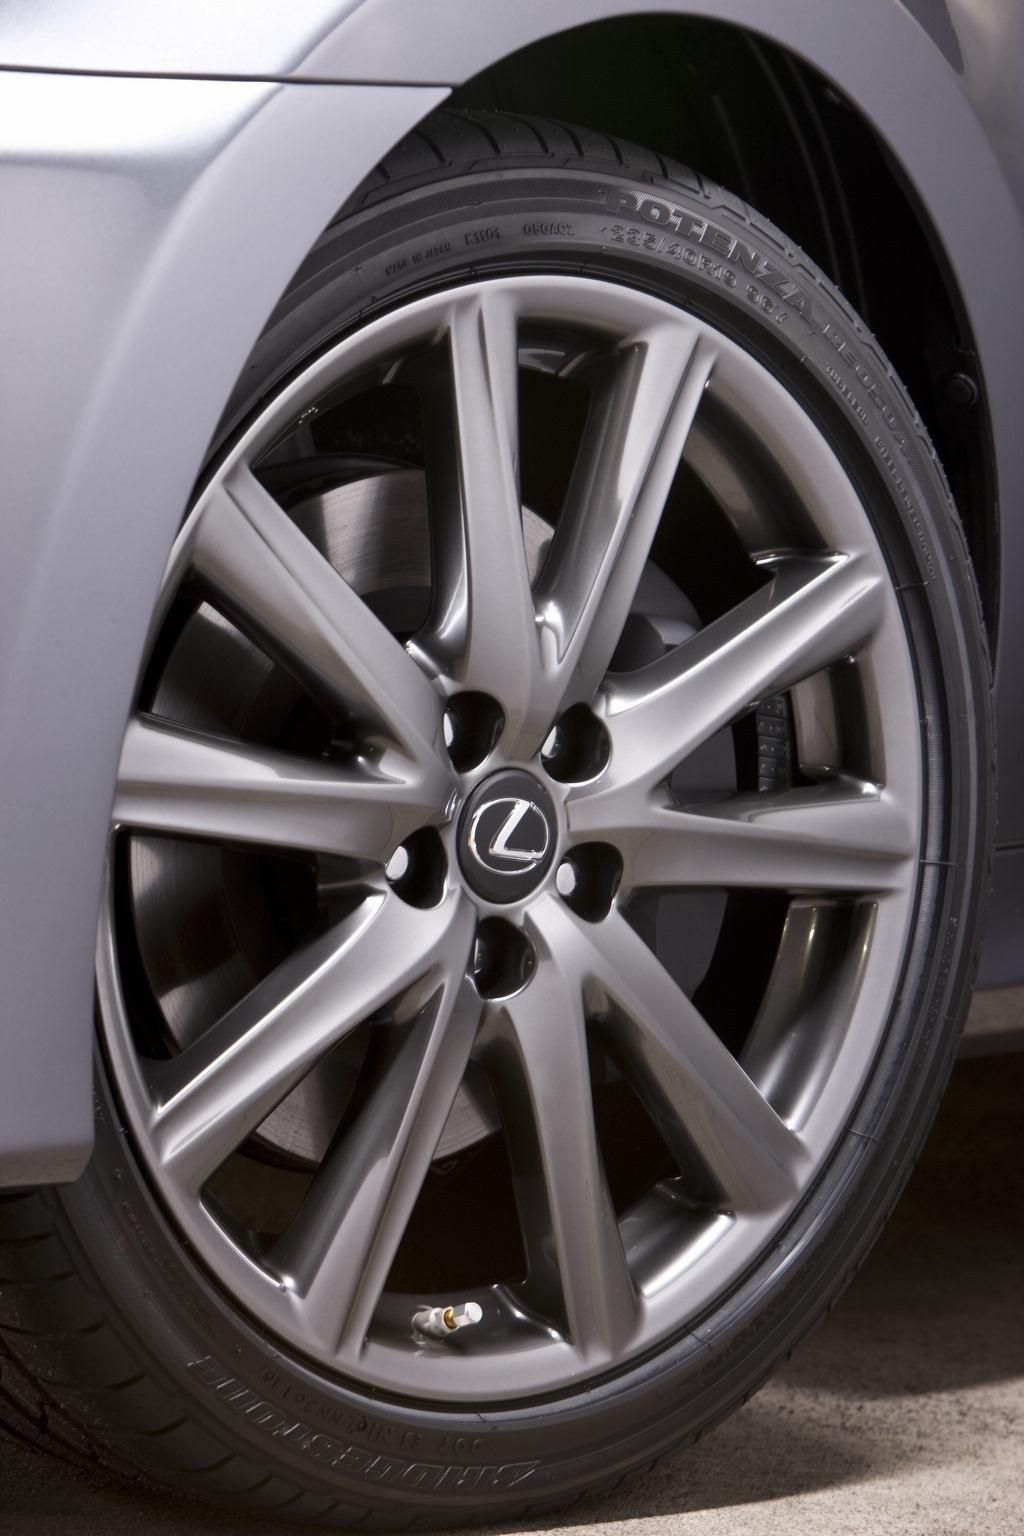 2014 Lexus GS350 F Sport wheel